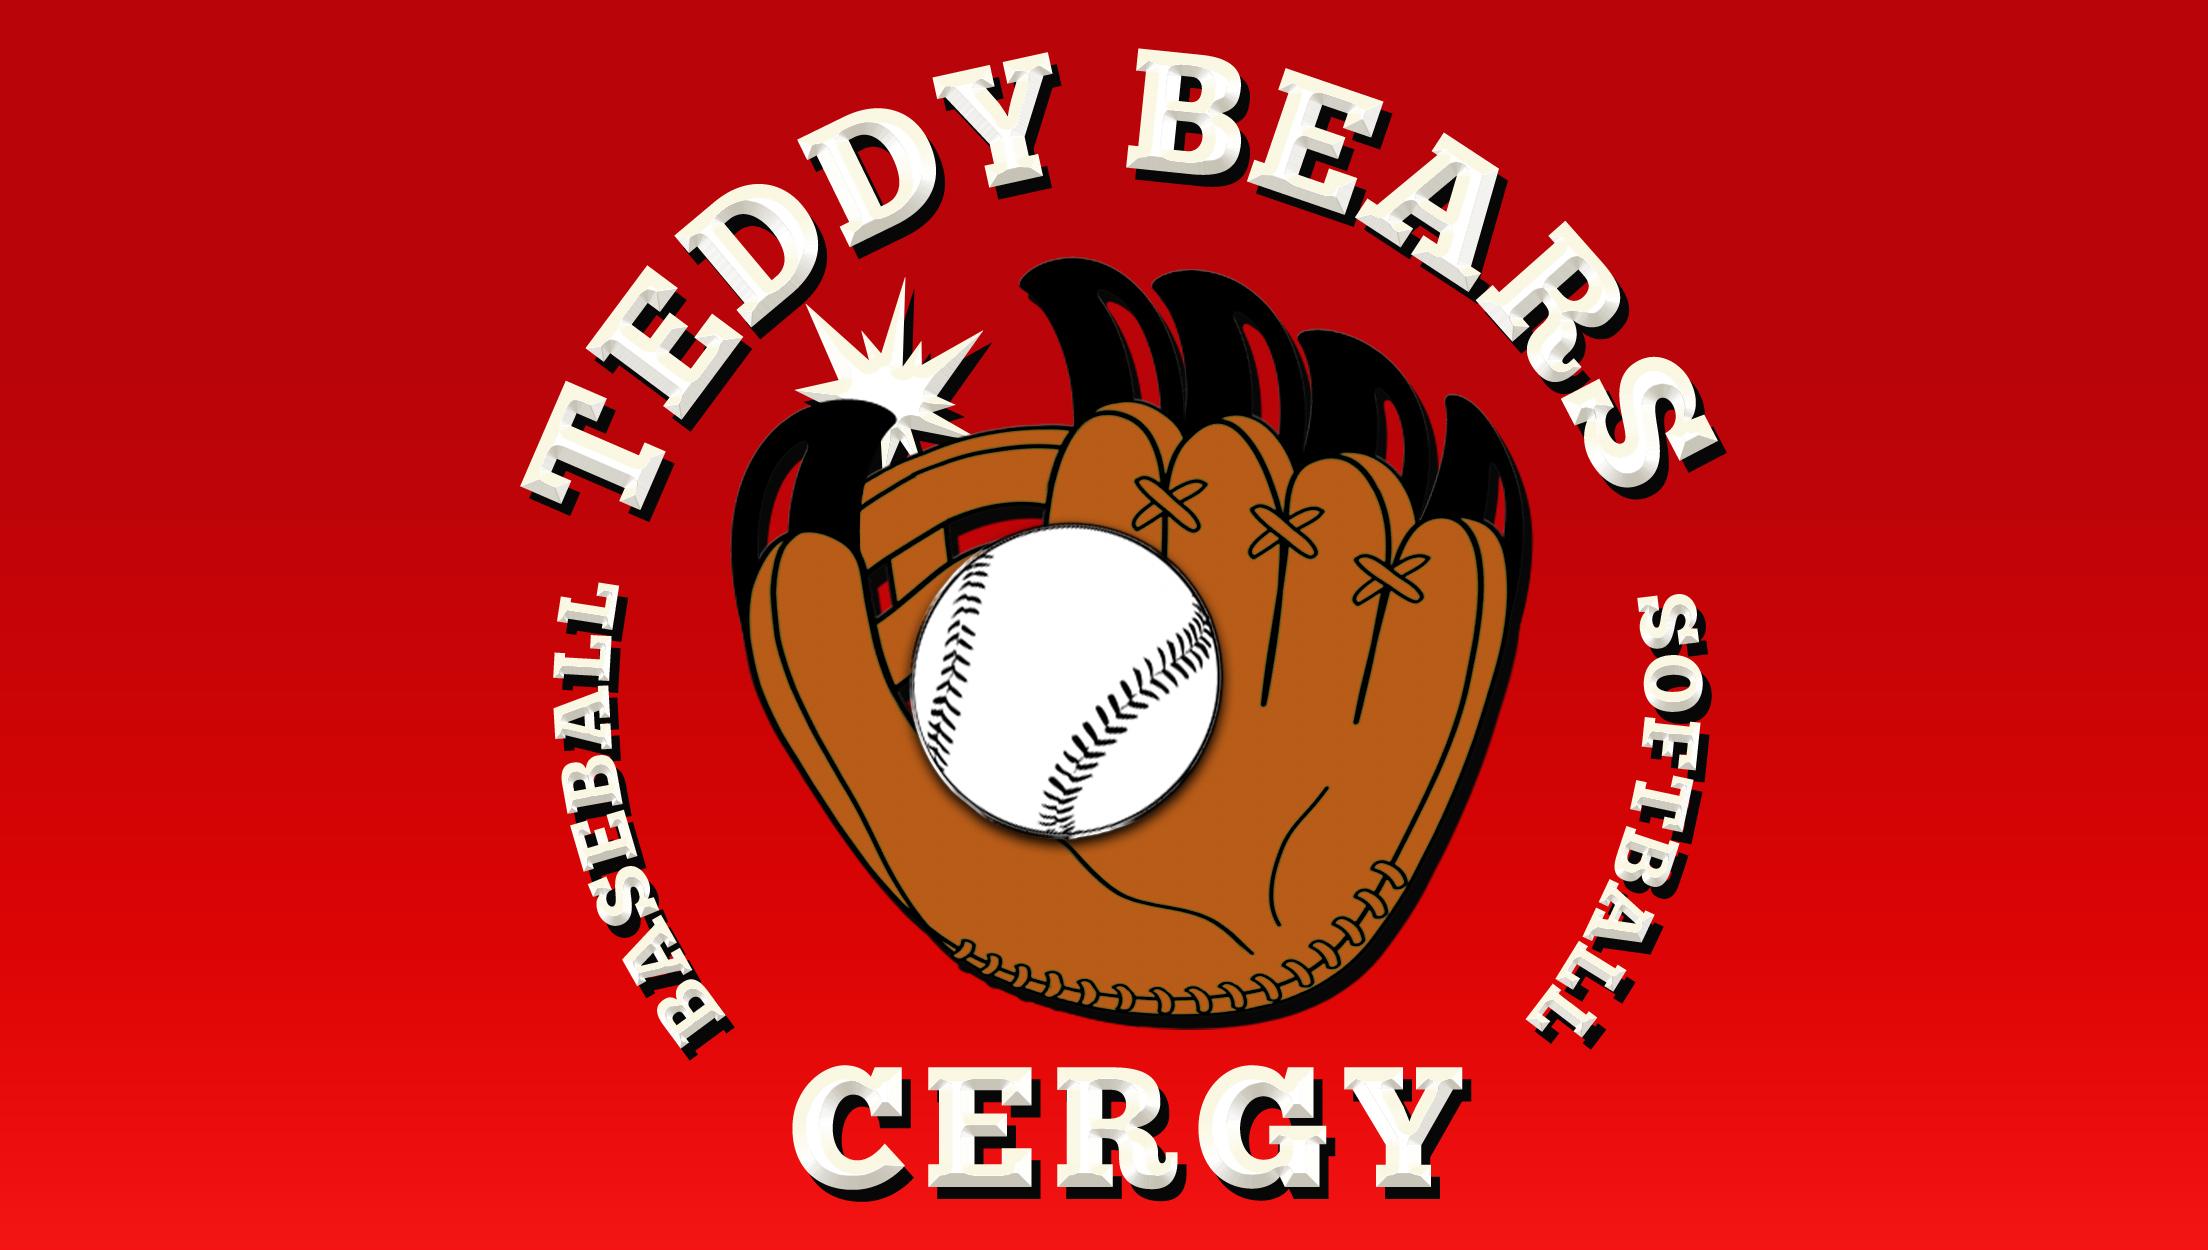 logo teddy_bear gant